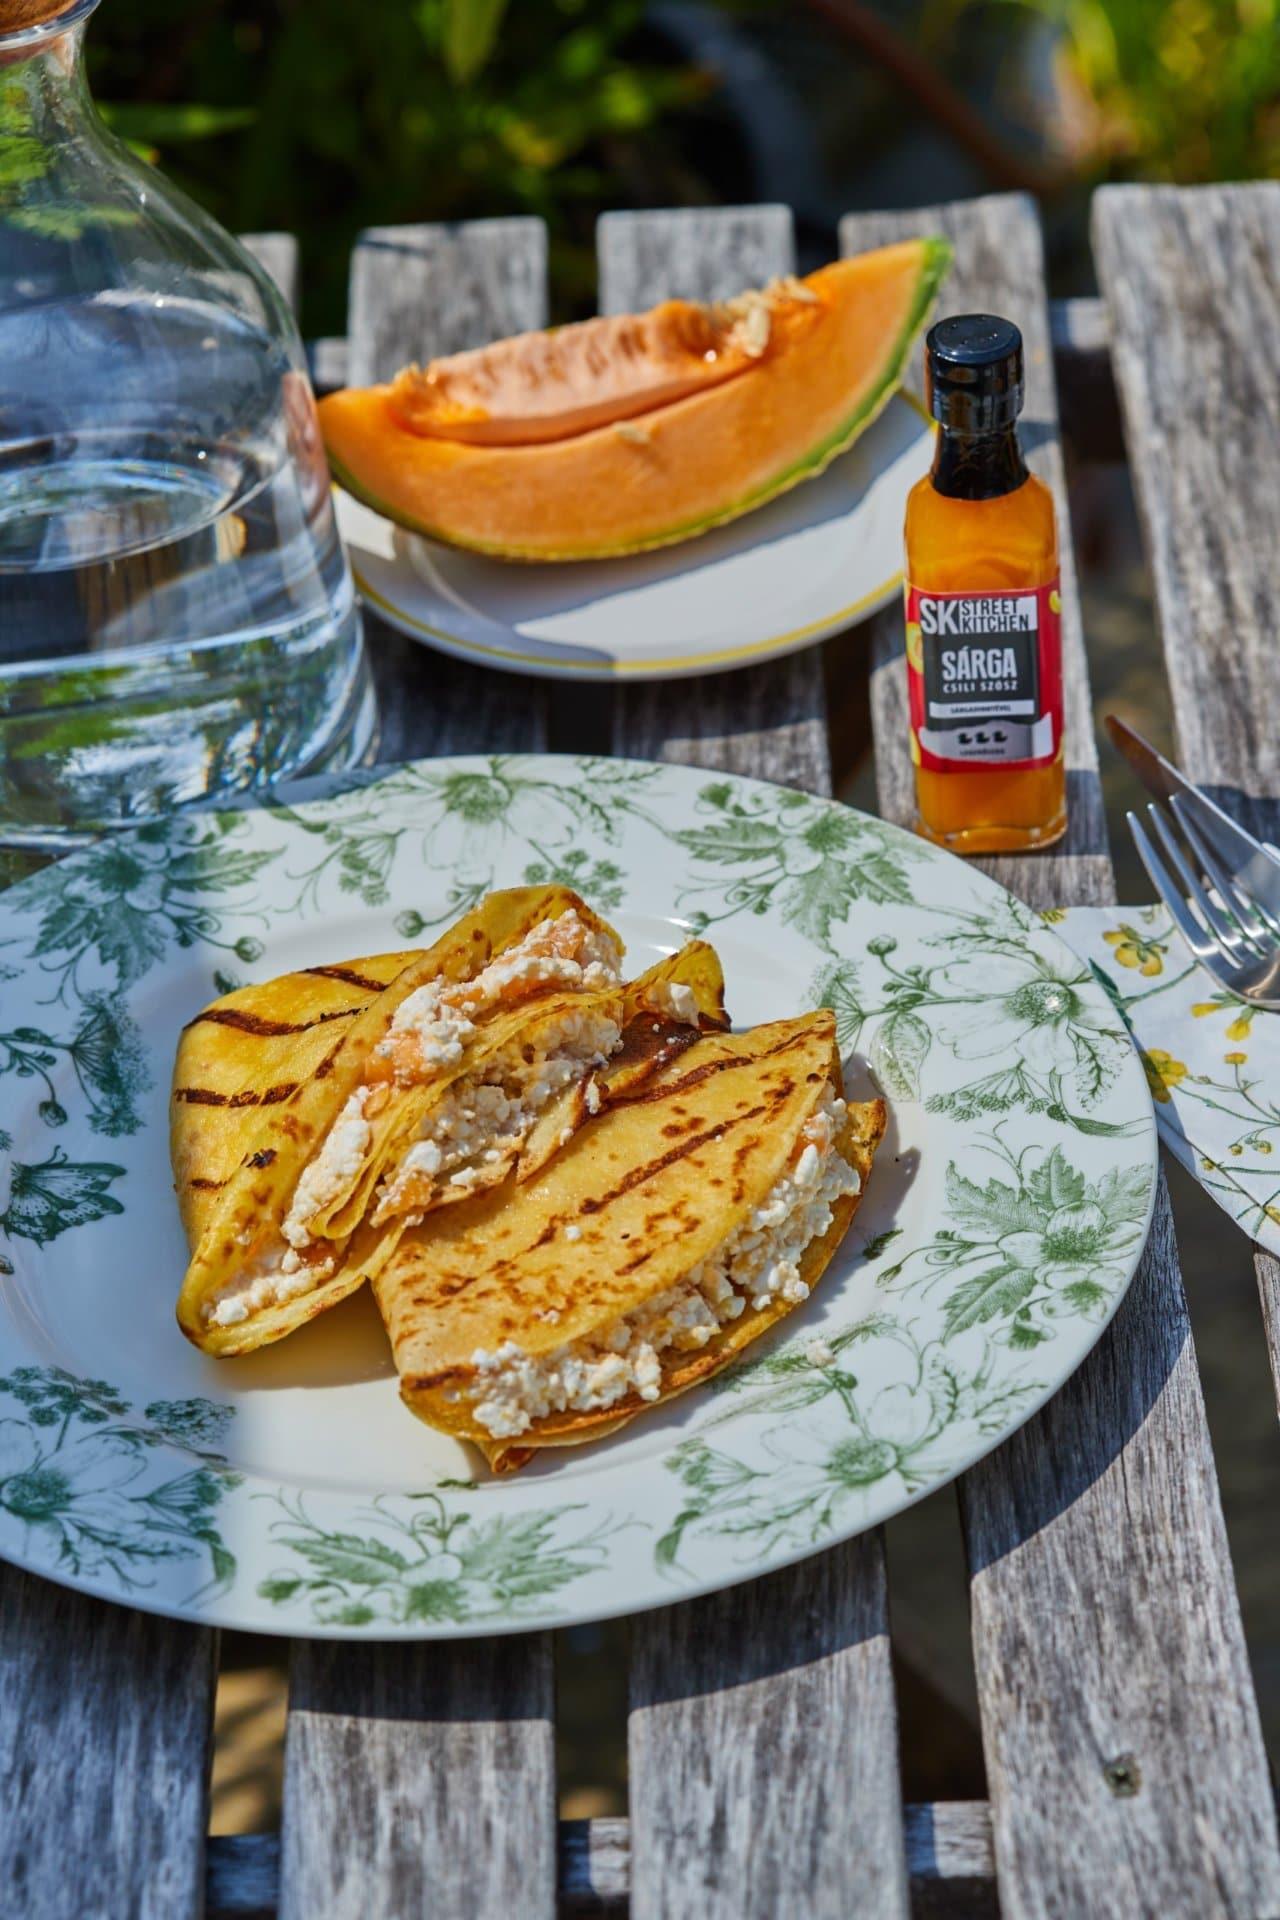 Csilis-sárgadinnyés-túrós grillezett palacsinta-chilivel